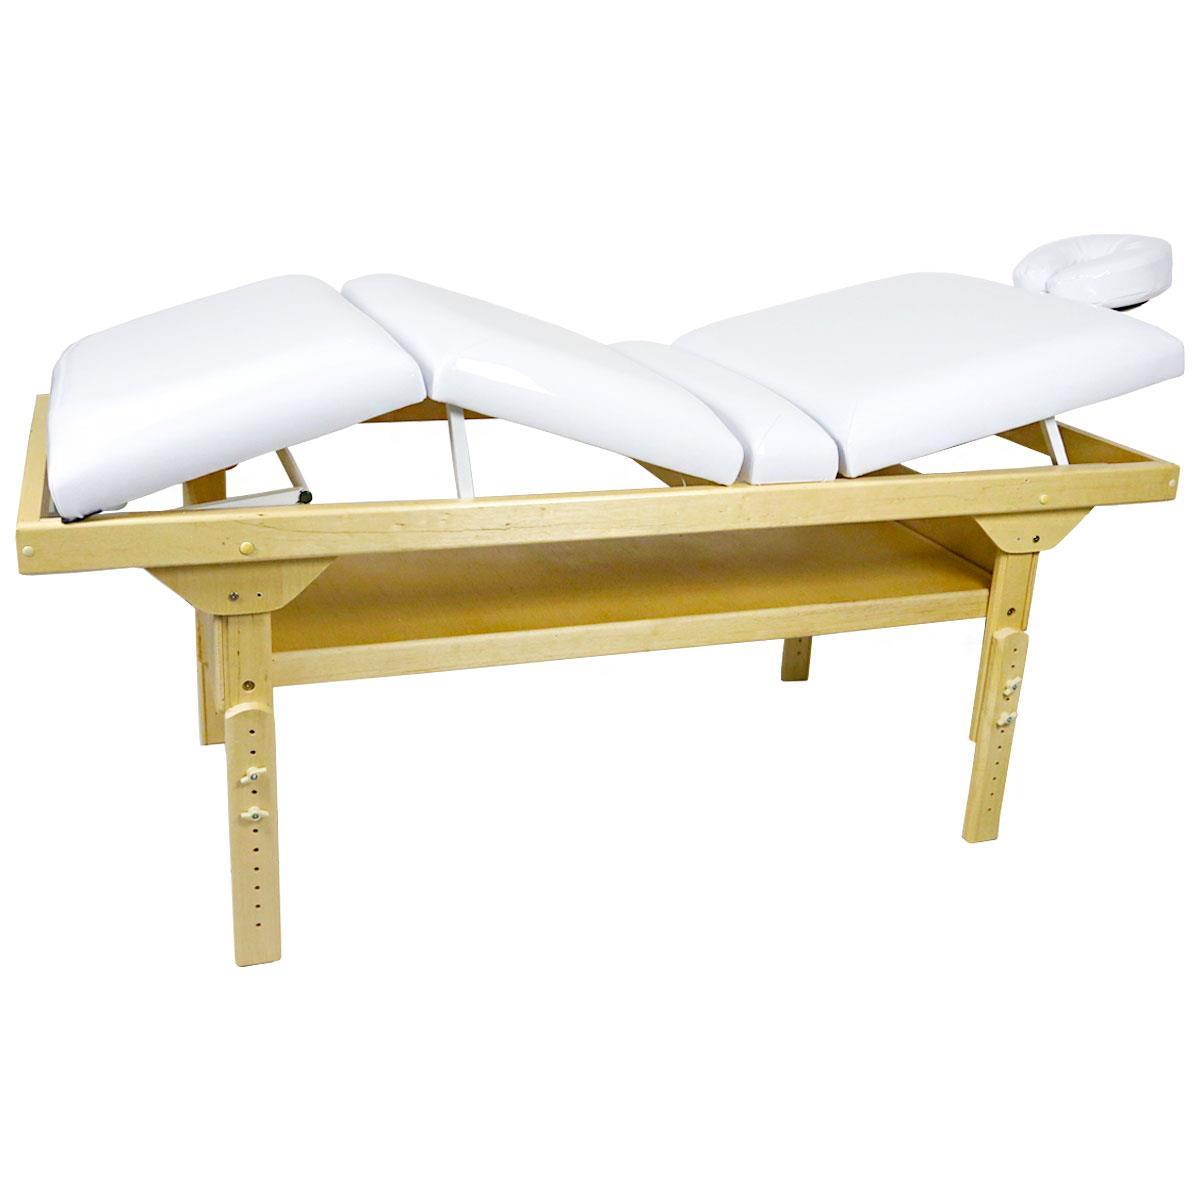 Maca De Massagem Fixa 3 Posições C/ Altura Regulável E Prateleira Inferior Belatrix Spa - Legno